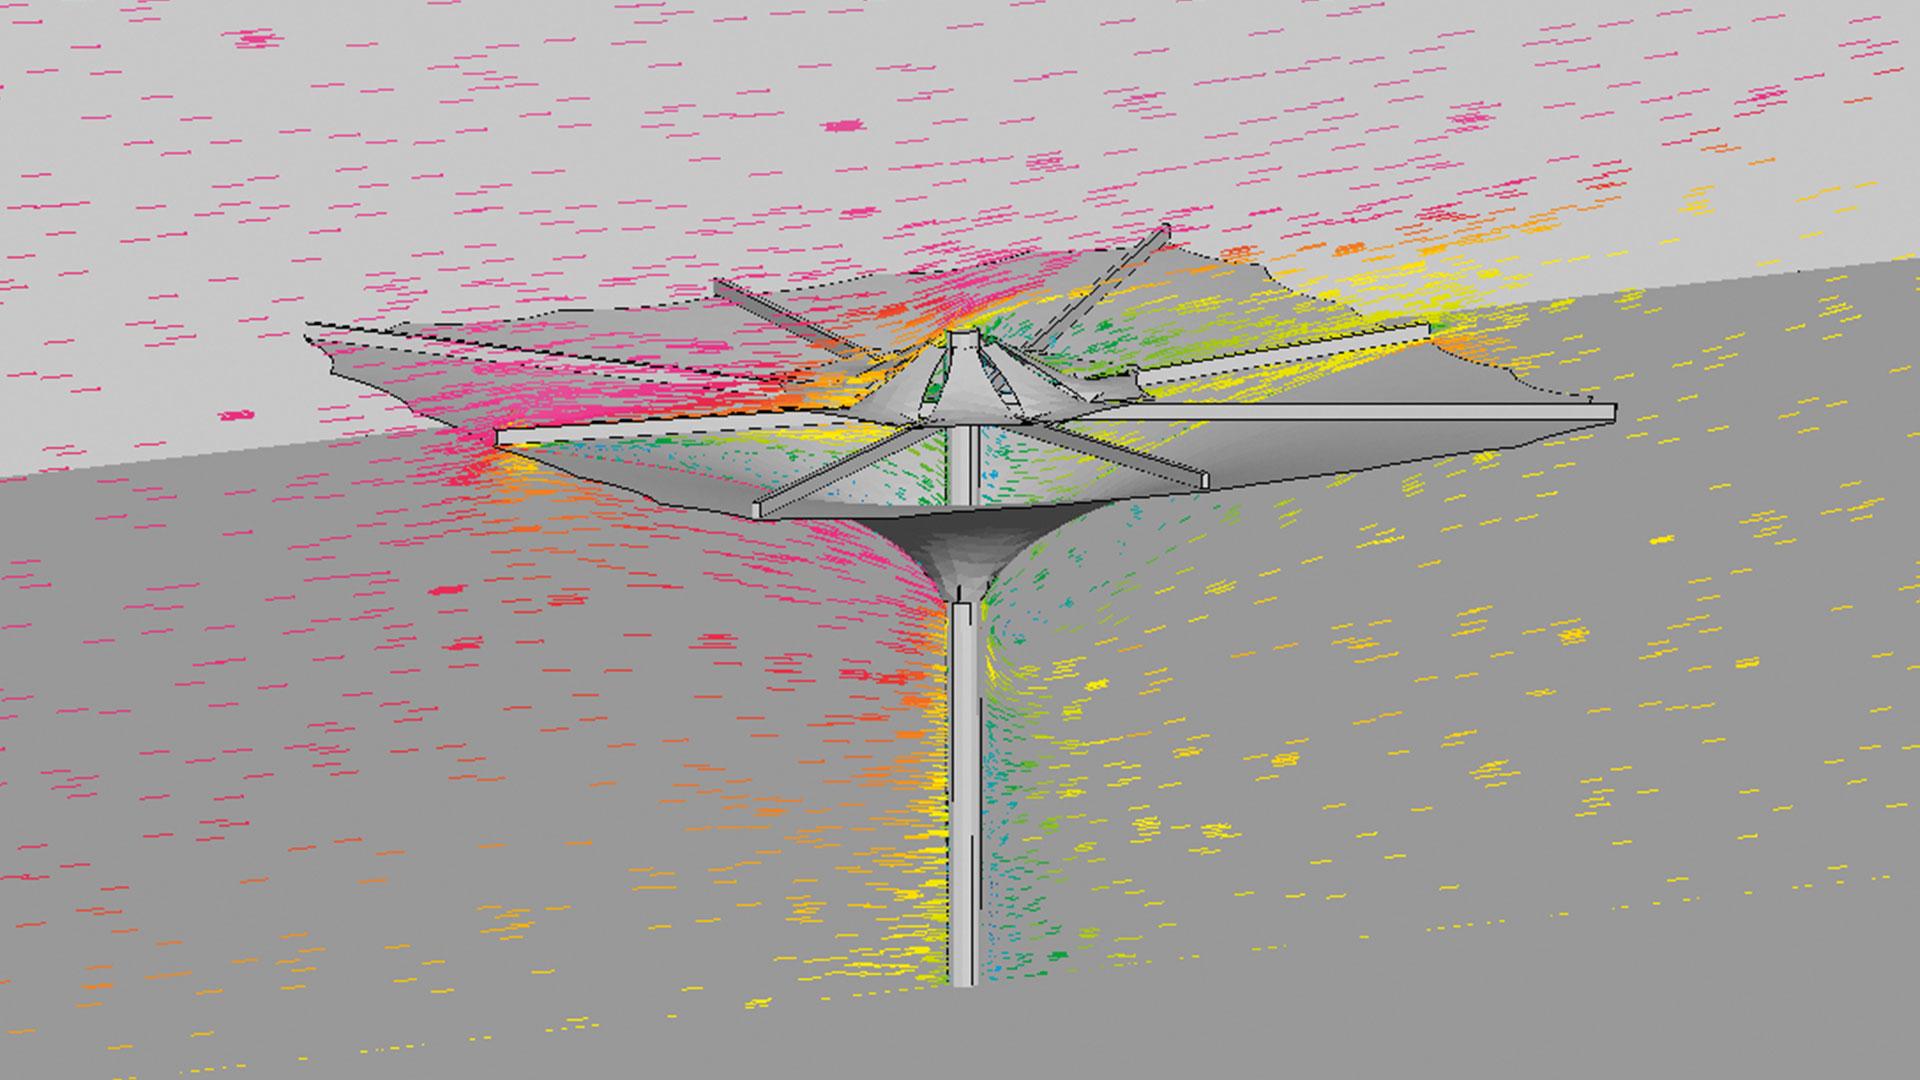 Gestaltung im Einklang mit den Naturgesetzen - Der wissenschaftliche Designansatz kommt bei SL Rasch auch auf der Materialseite zum Einsatz: Feinkörniger Stahl beispielsweise ist viermal stärker als gewöhnlicher Baustahl und ermöglicht sehr schlanke Schirmarme und kompakte Details.